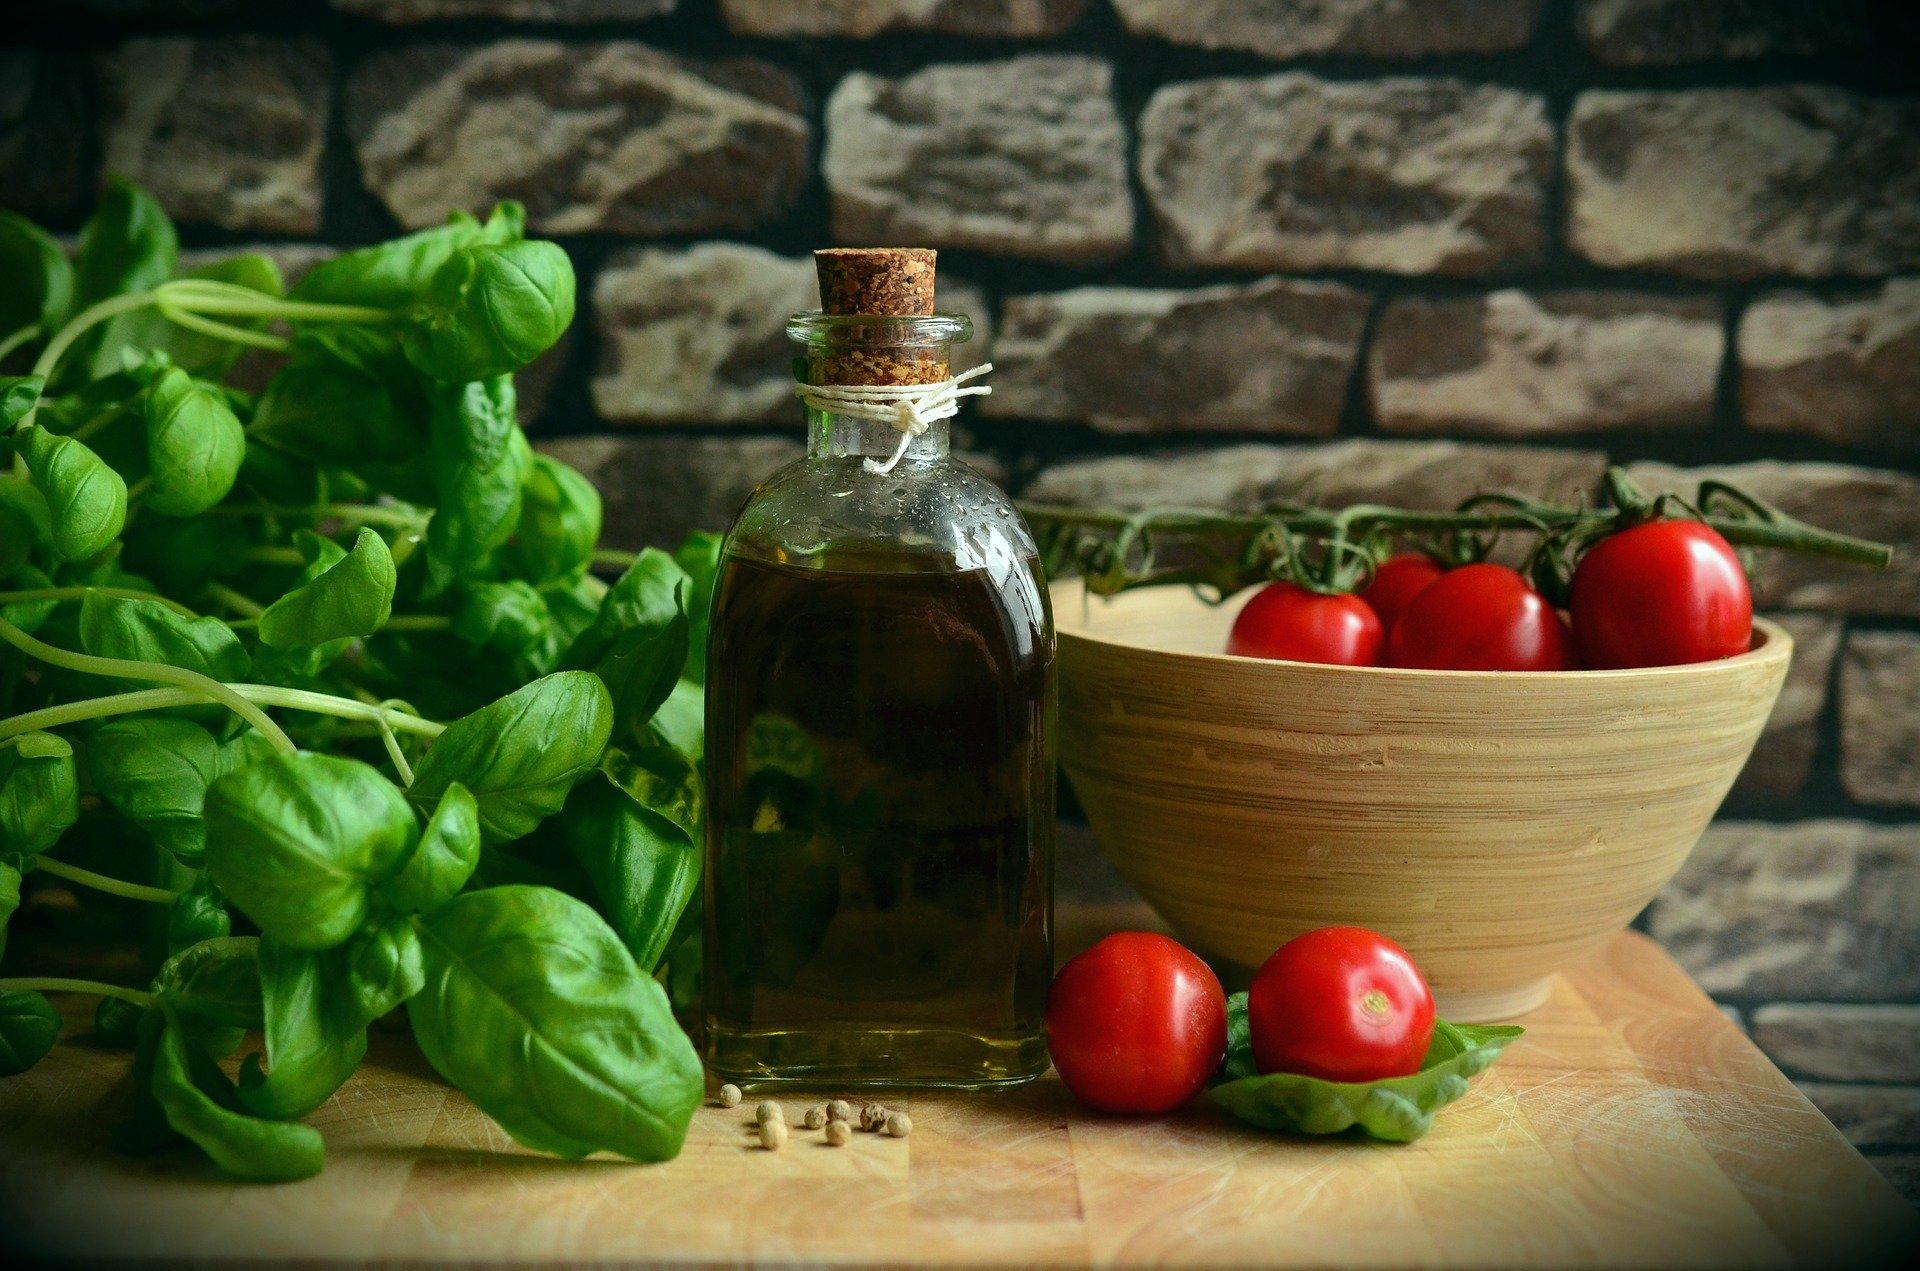 緑の野菜と赤の野菜はオイルをかけましょう